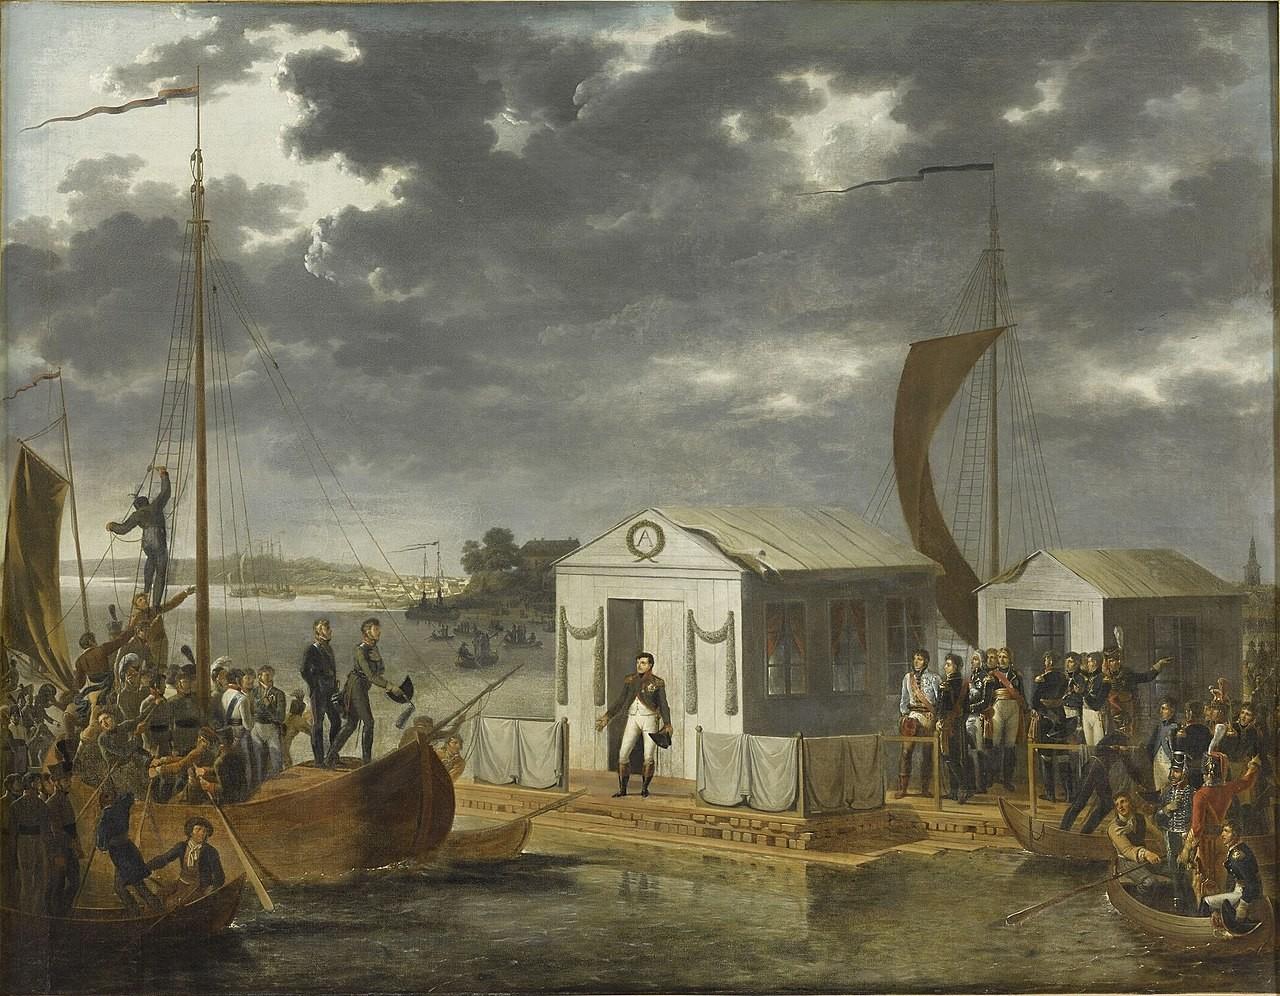 L'incontro di Napoleone I e Alessandro I sul fiume Nemunas, 25 giugno 1807 (Trattato di Tilsit), di Adolph Roehn